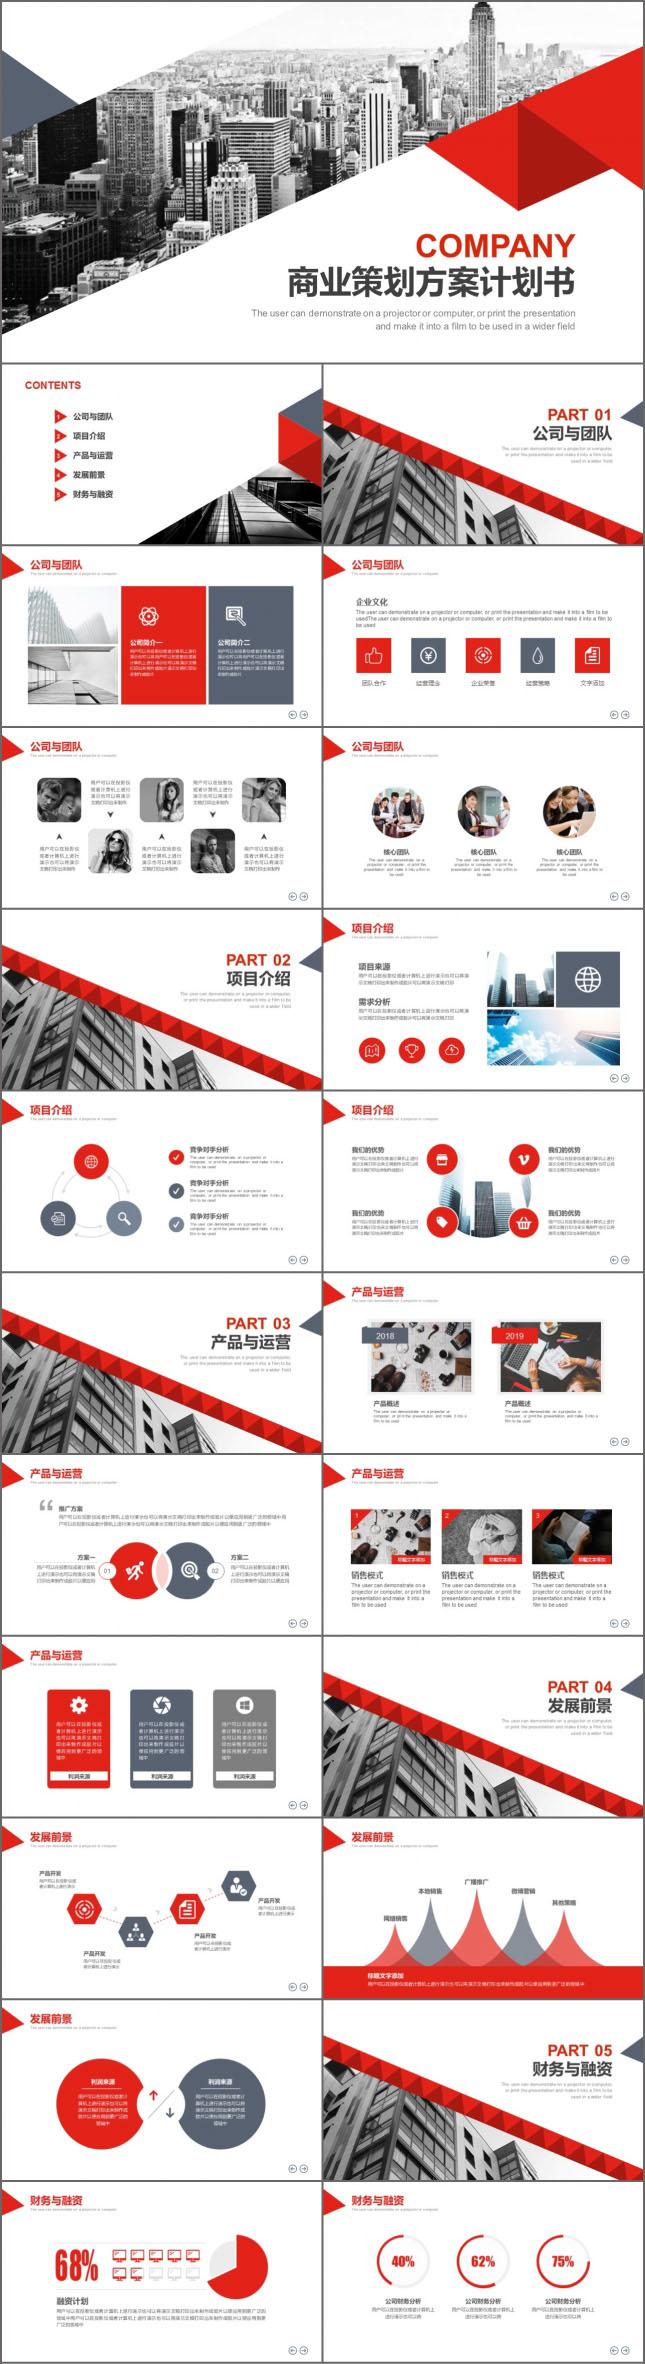 商业策划方案计划书PPT模板